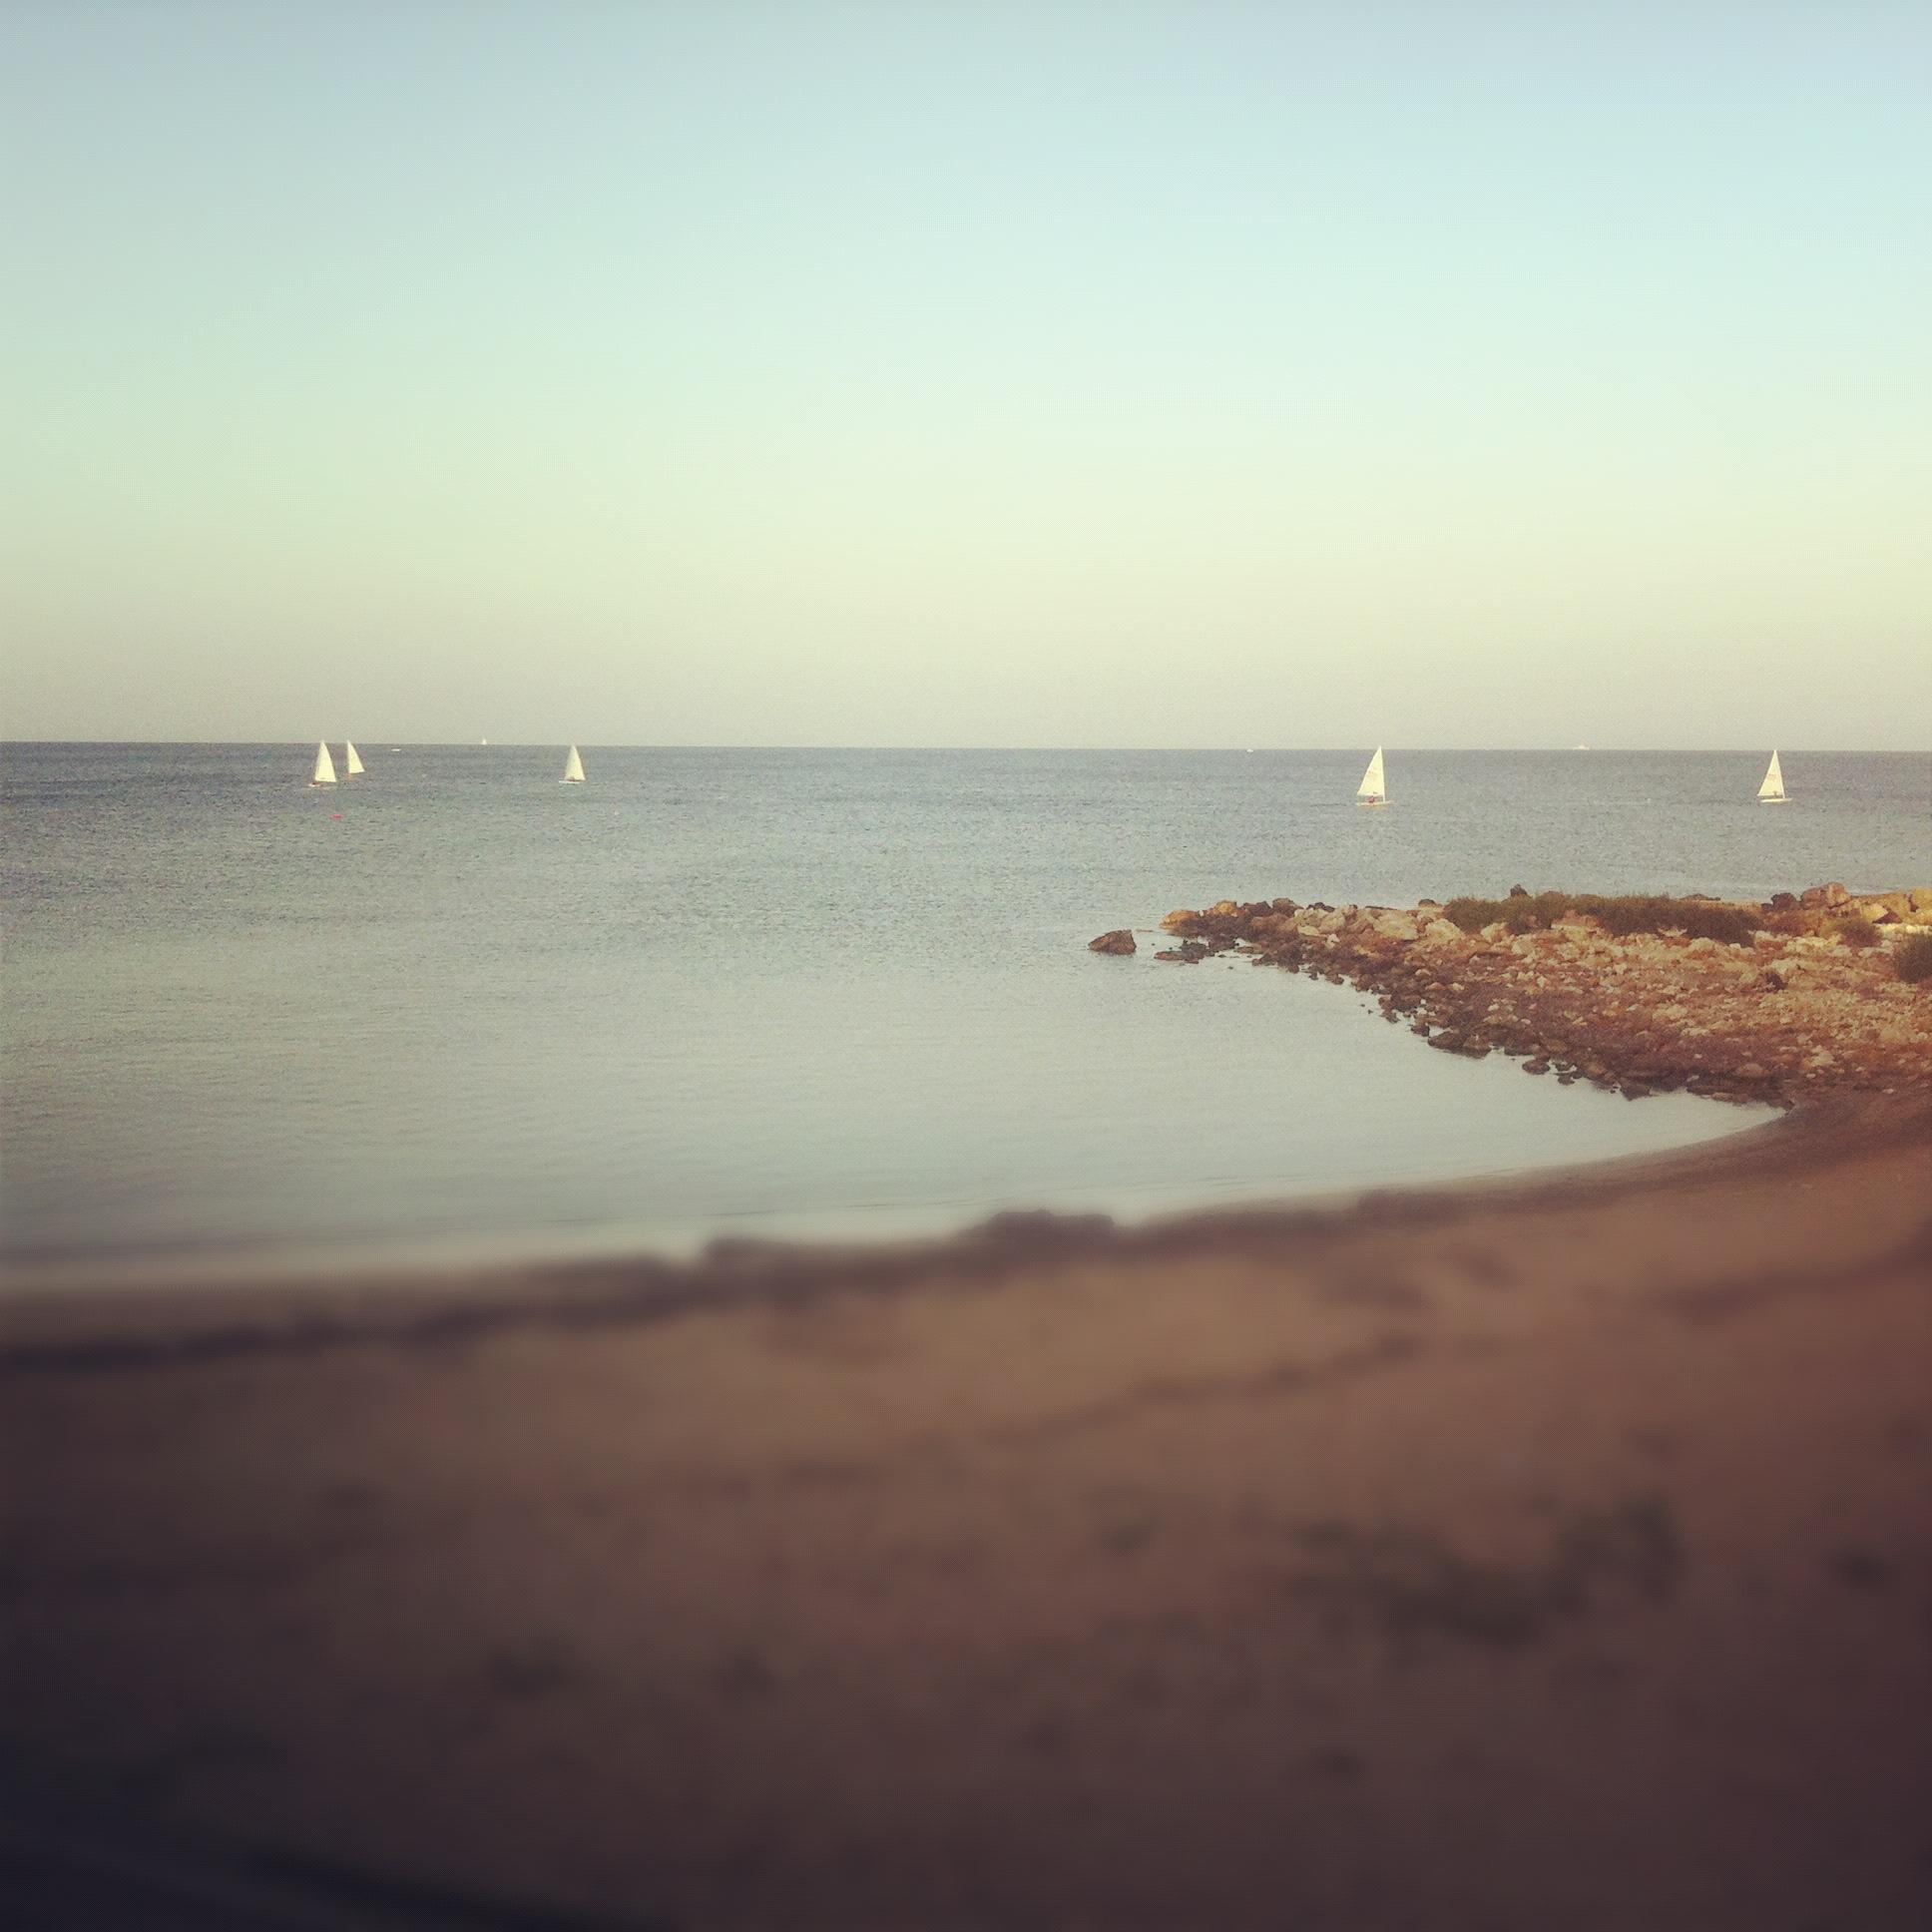 spiaggia marinella a marzamemi, in sicilia